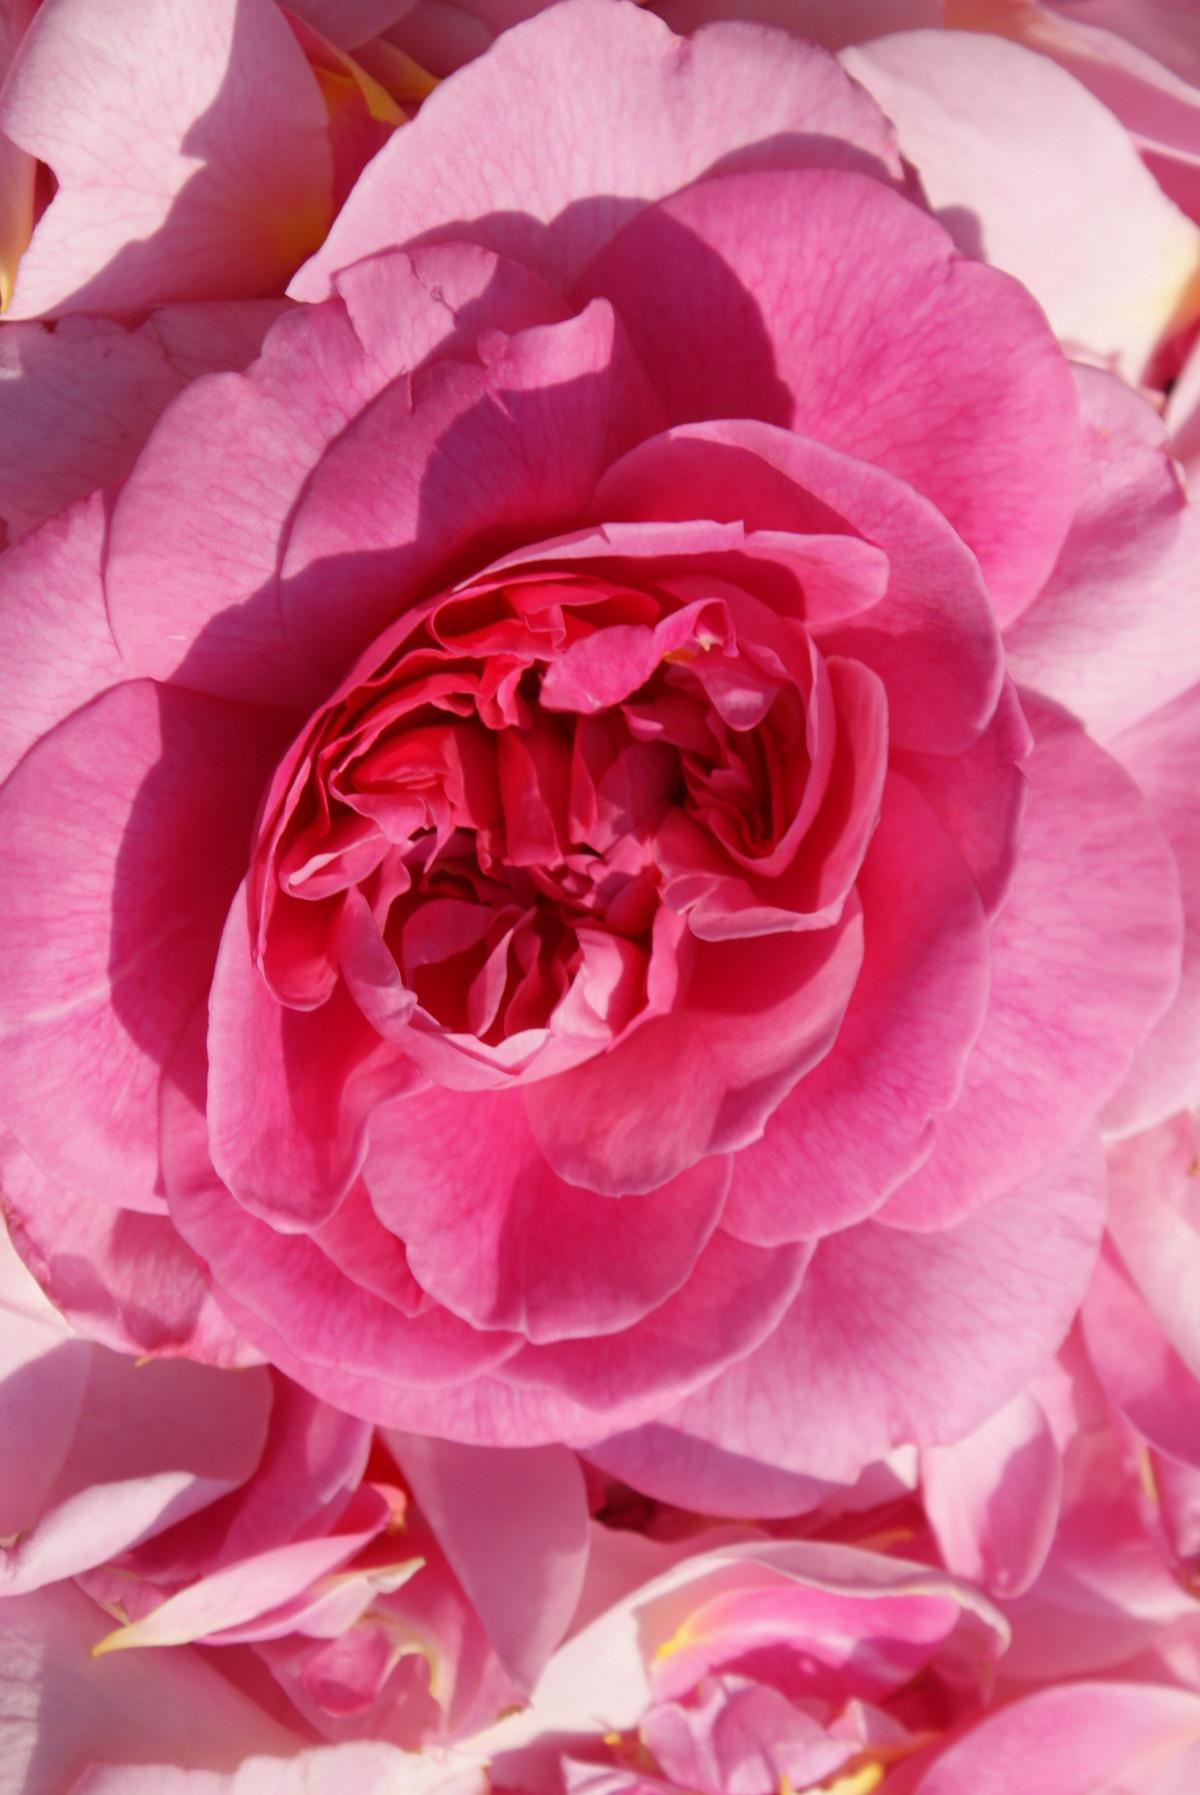 menanam bunga daun bunga mawar berwarna merah muda Budidaya Bunga